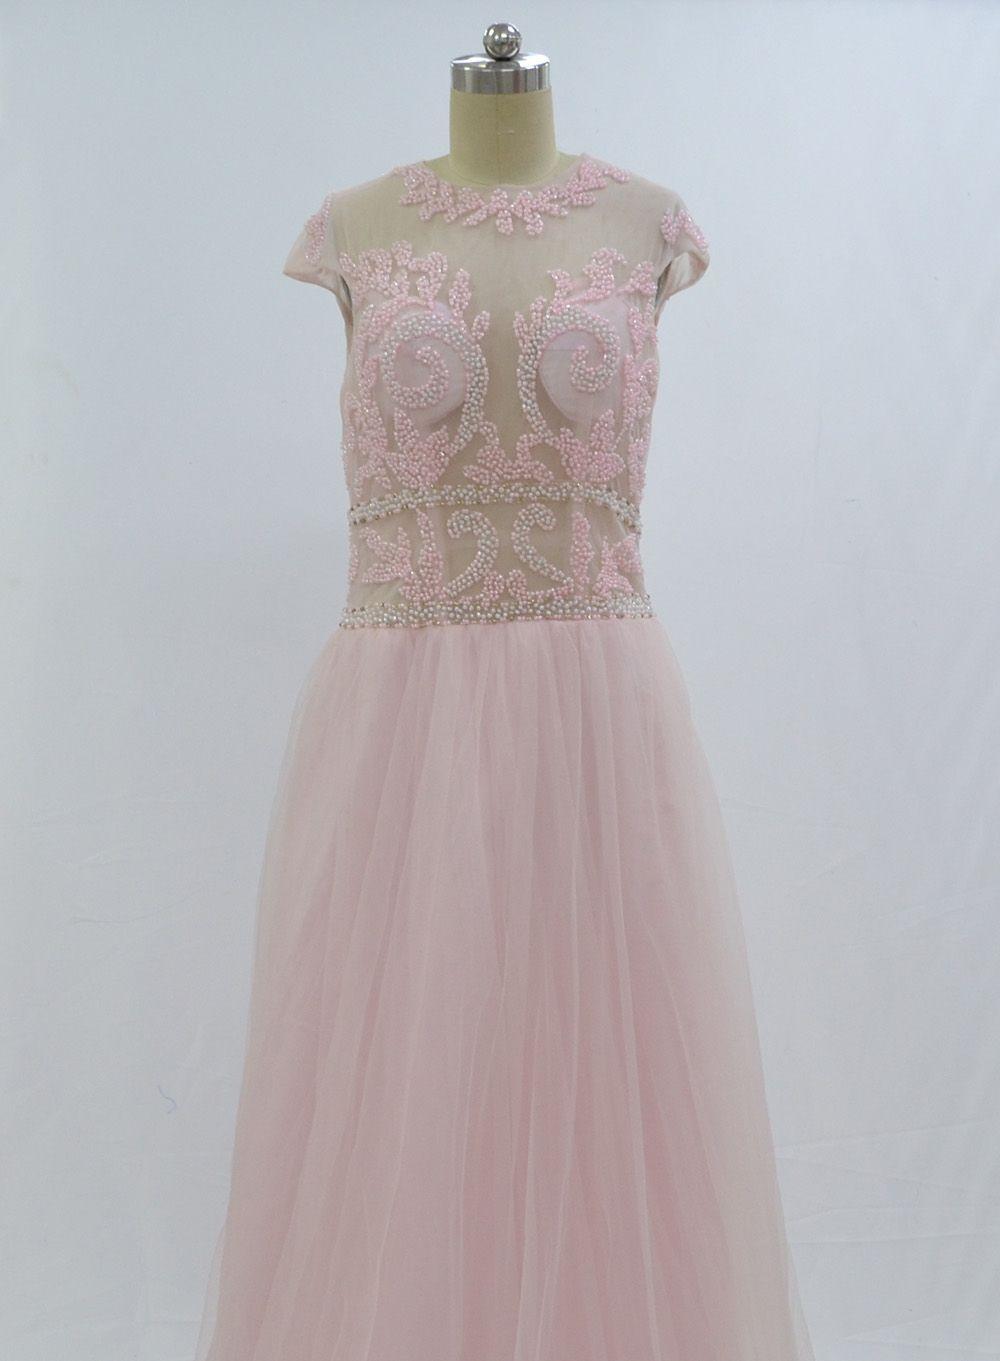 Vestido De Formatura Abiti da sera eleganti con maniche a cappuccio Abiti da cerimonia con scollo a cuore rosa Tulle Prom 2018